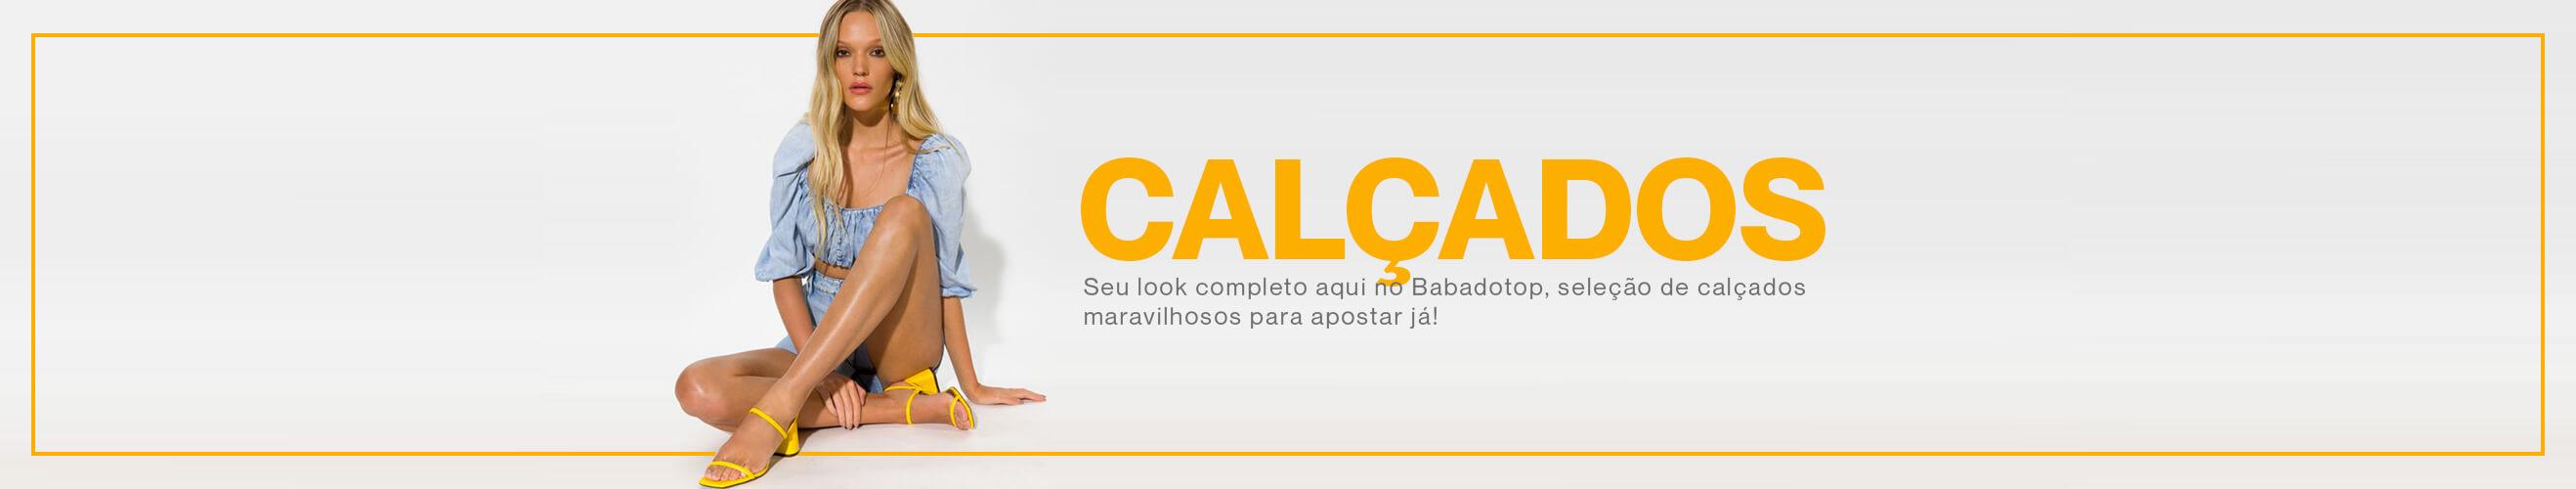 Banner desktop - Calçados